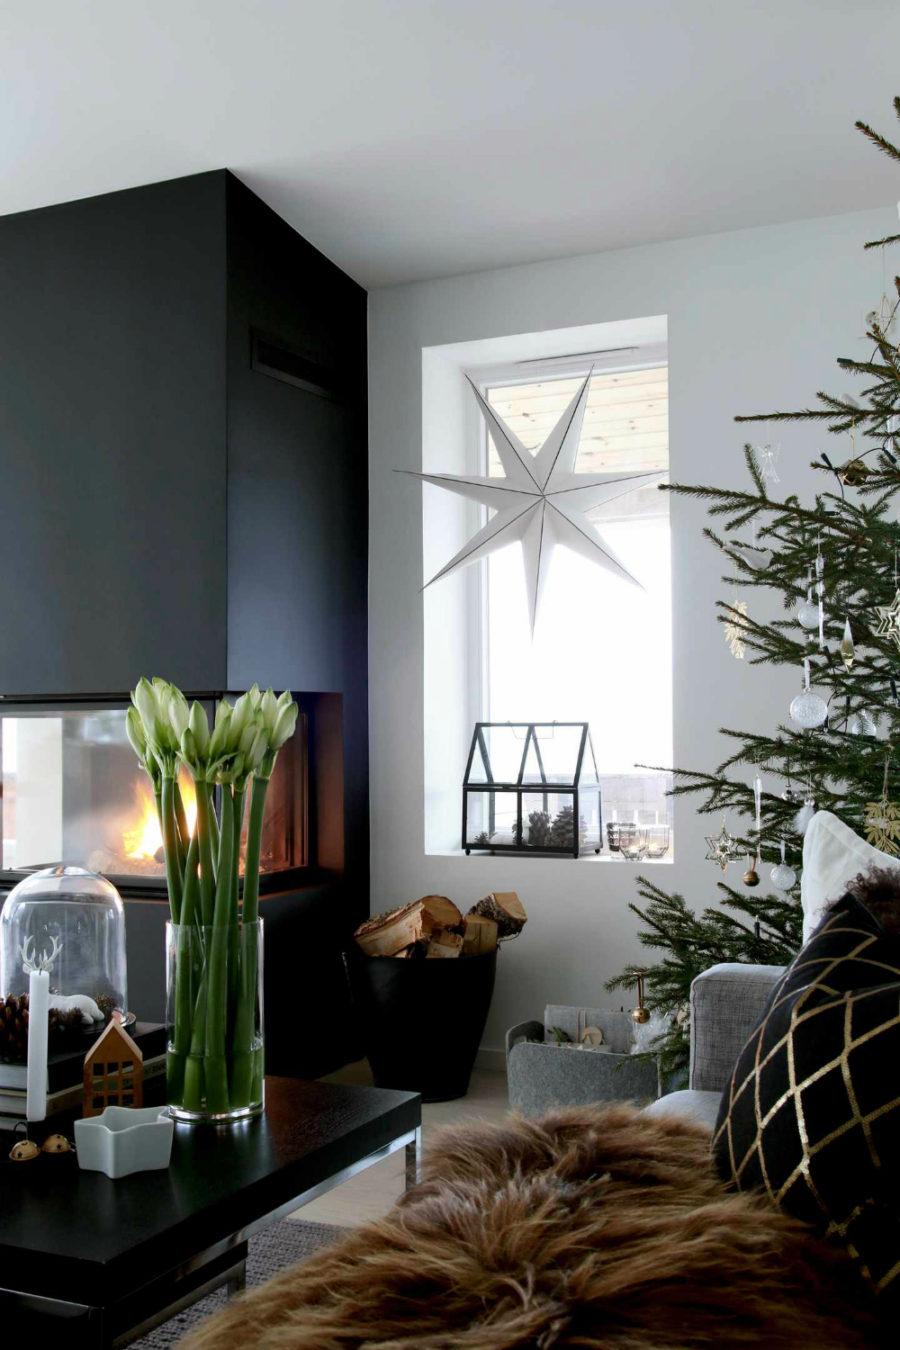 Stylish contemporary holiday decor Dwellingdecor